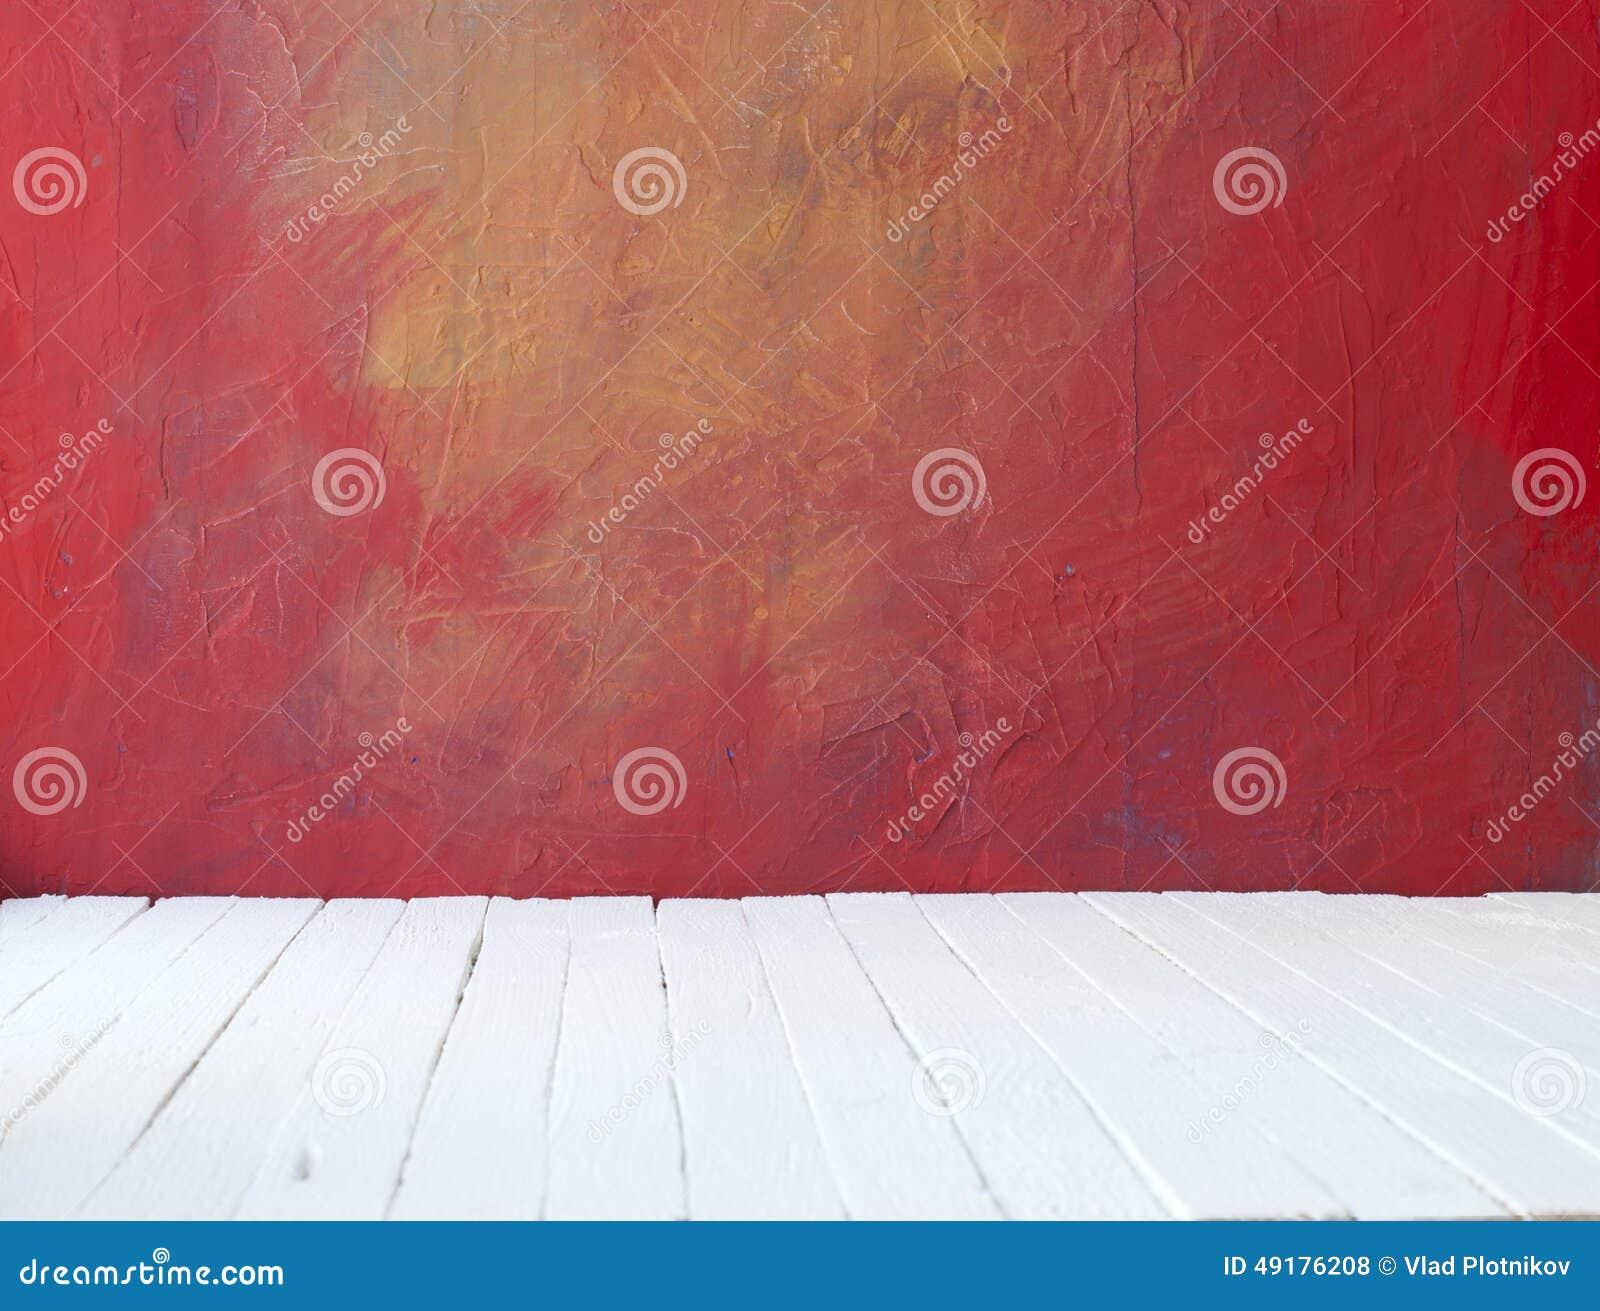 Leeren Sie einen Farbeinnenraum des Weinleseraumes ohne Decke von der Farbenschmutz-Zementwand und vom alten Holzfußboden